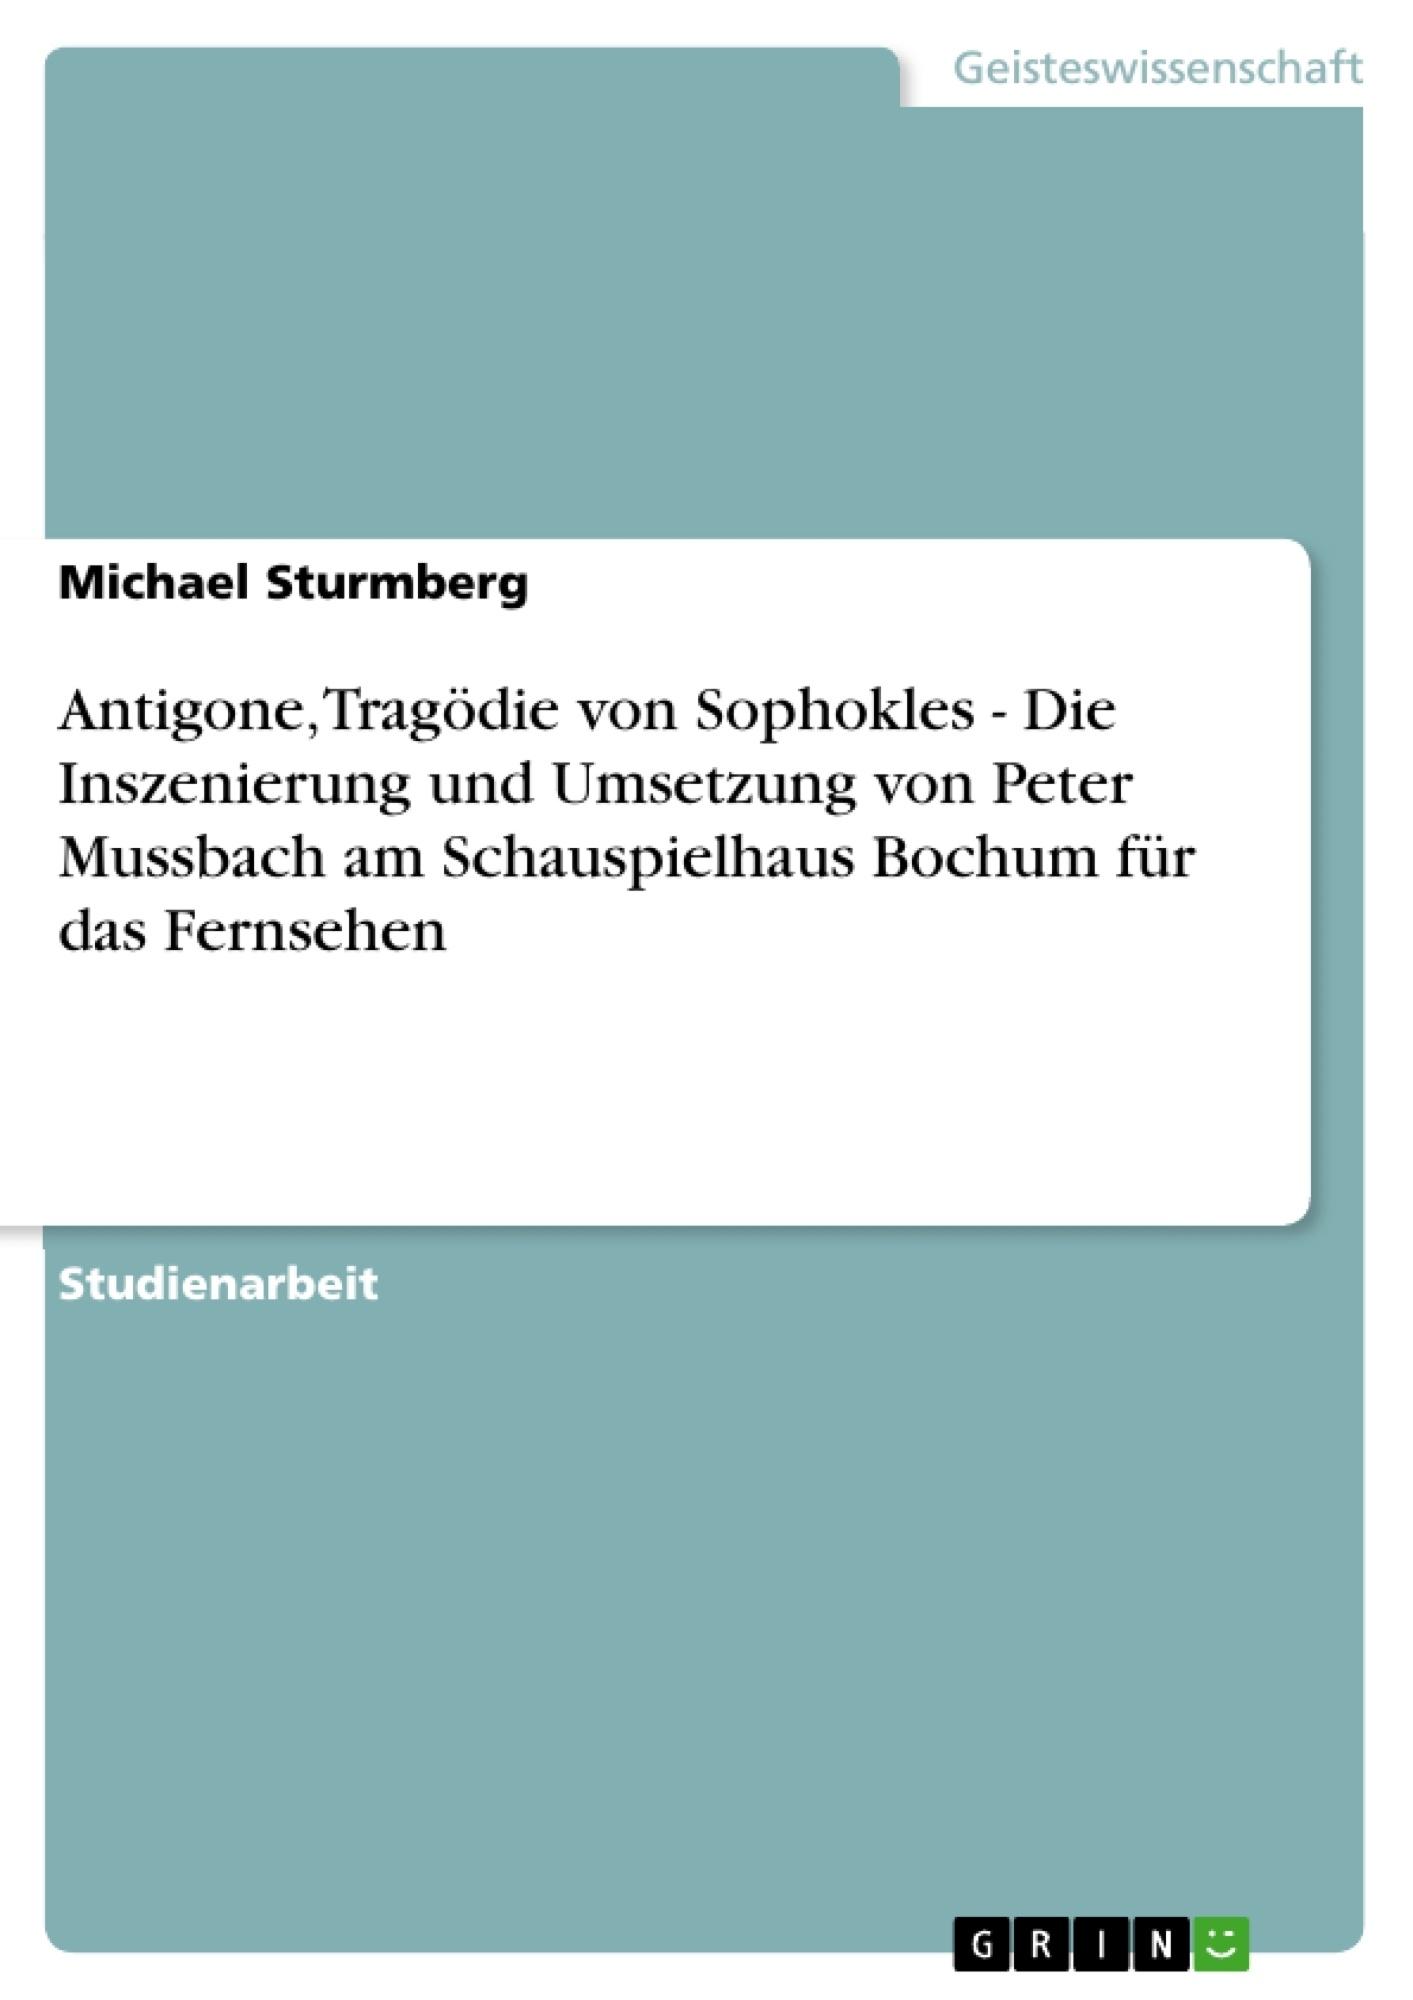 Titel: Antigone, Tragödie von Sophokles - Die Inszenierung und Umsetzung von Peter Mussbach am Schauspielhaus Bochum für das Fernsehen